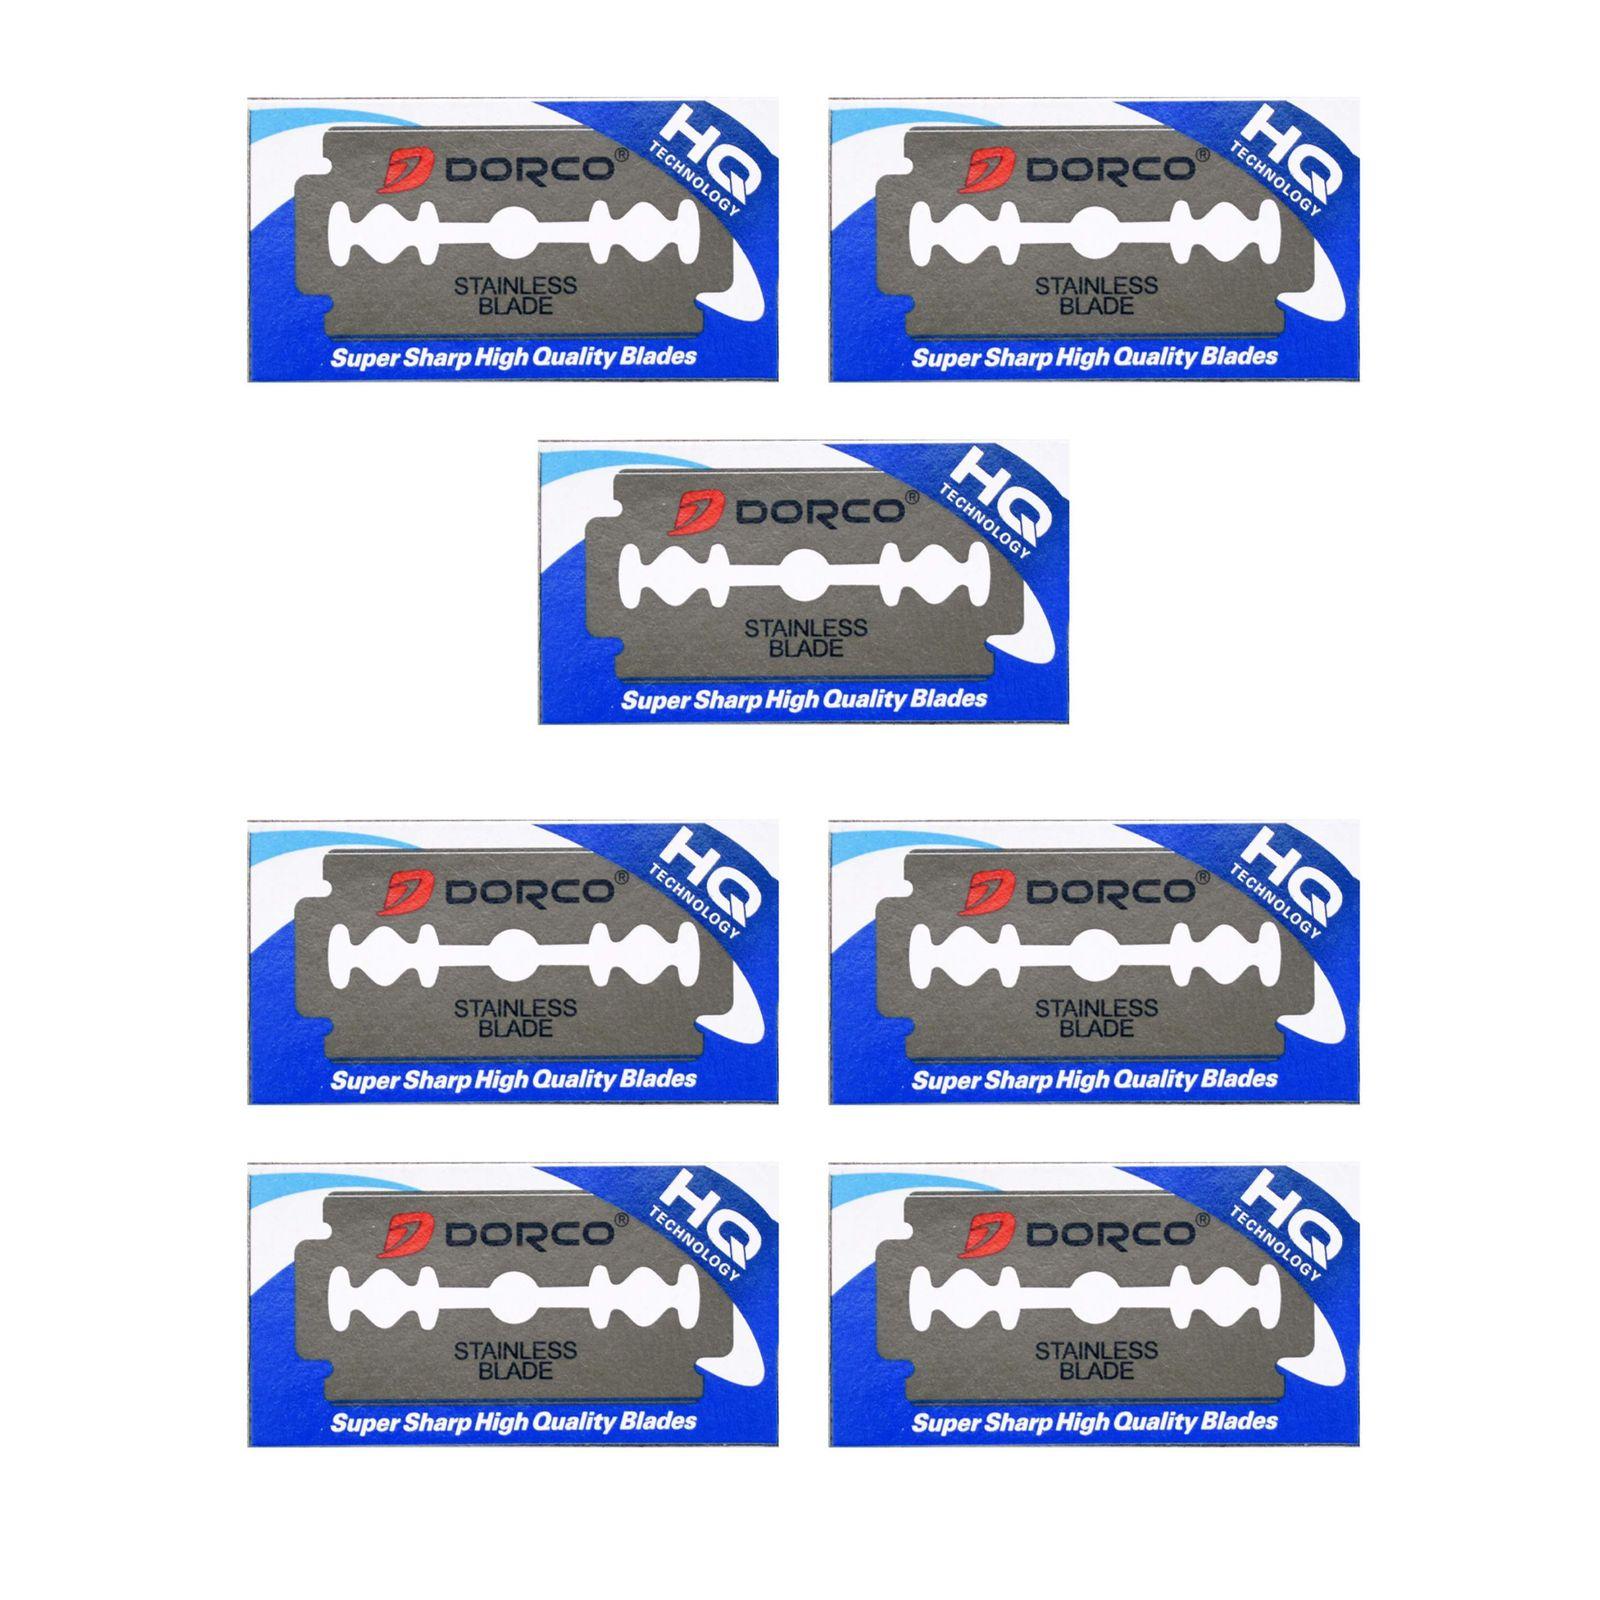 تیغ یدک دورکو مدل HQ-22 مجموعه 7 عددی -  - 2